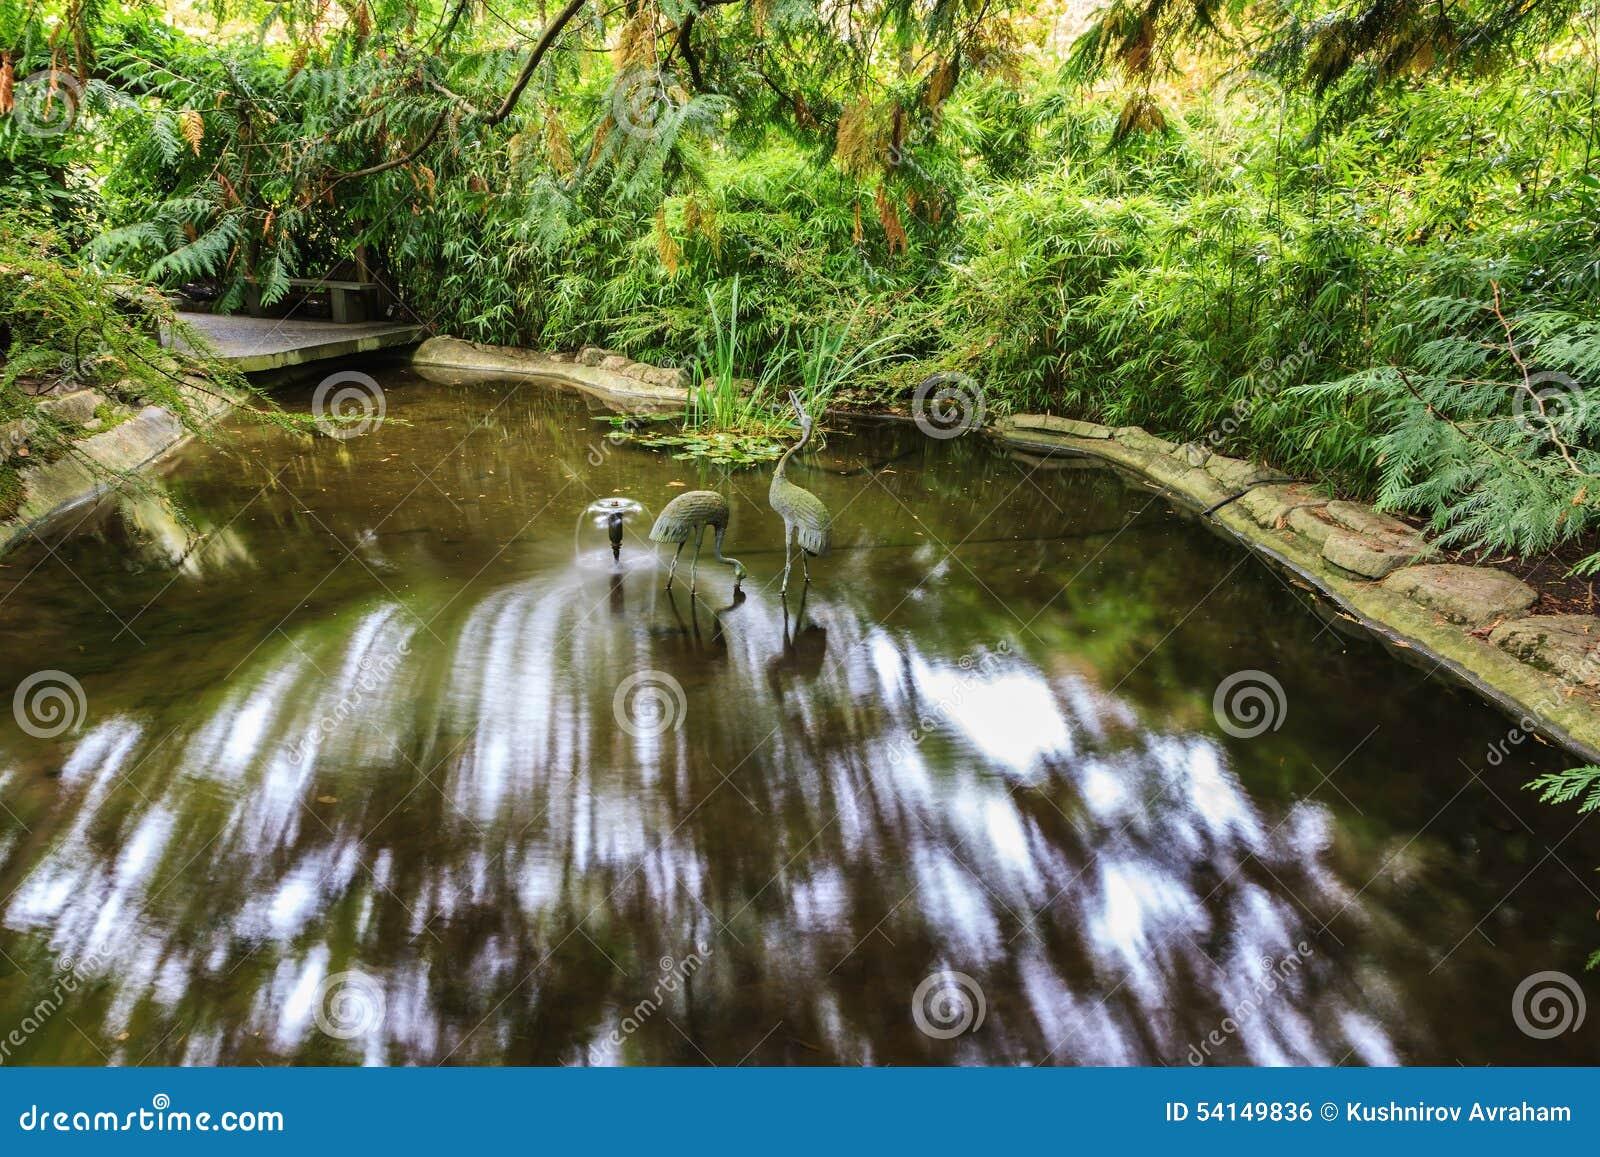 Piccolo corso d 39 acqua in giardino giapponese fotografia - Piccolo giardino giapponese ...